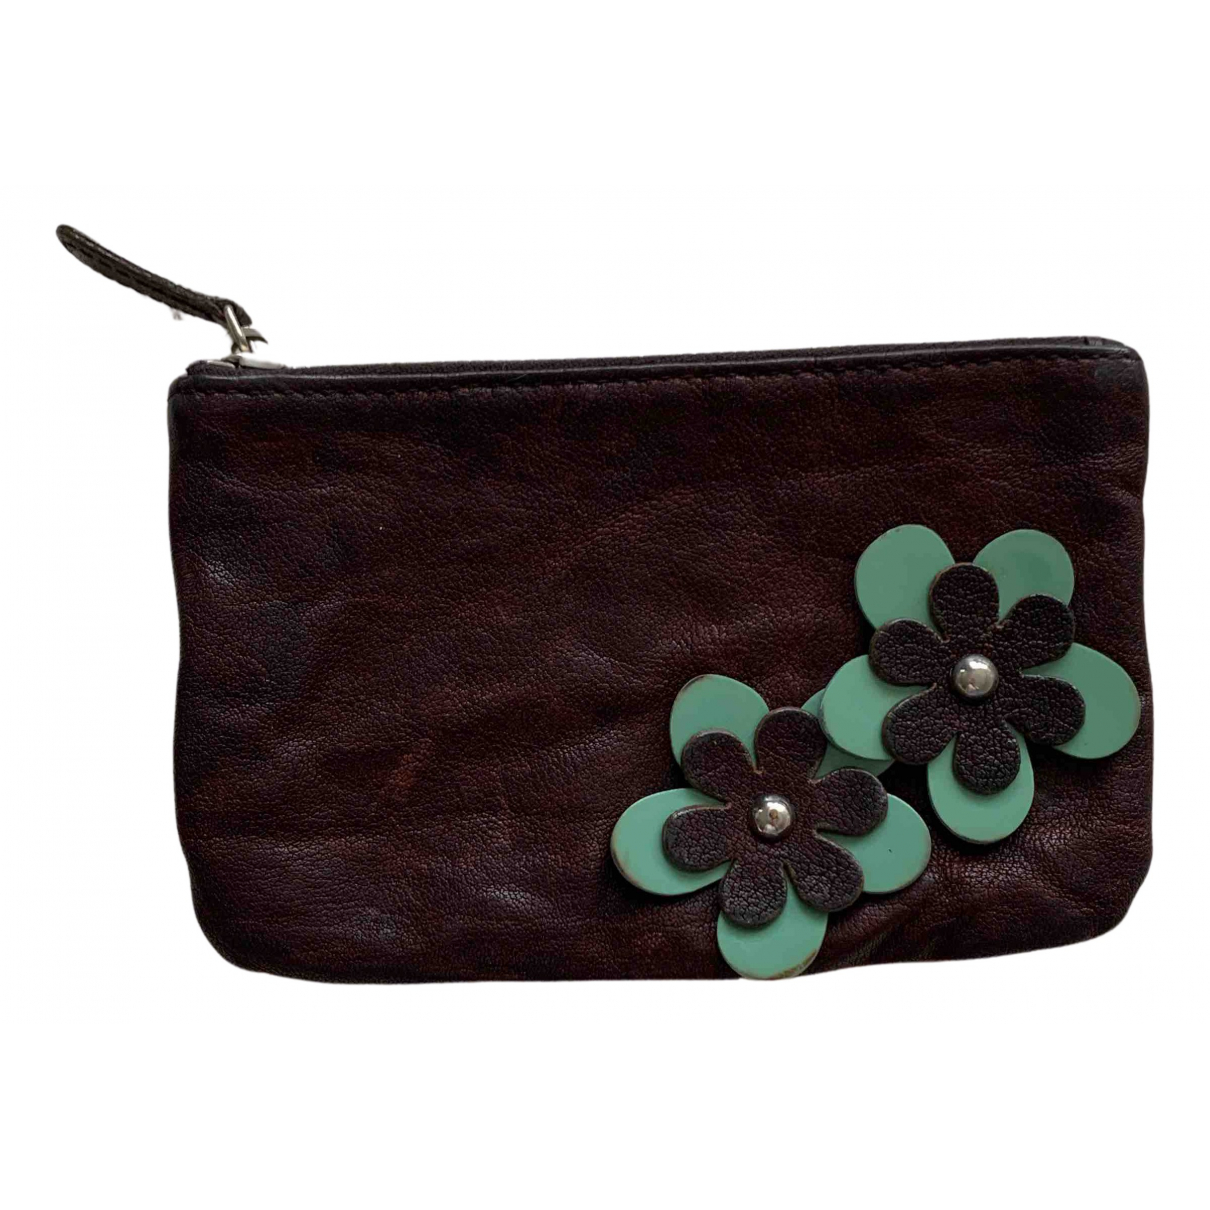 Miu Miu N Brown Leather wallet for Women N